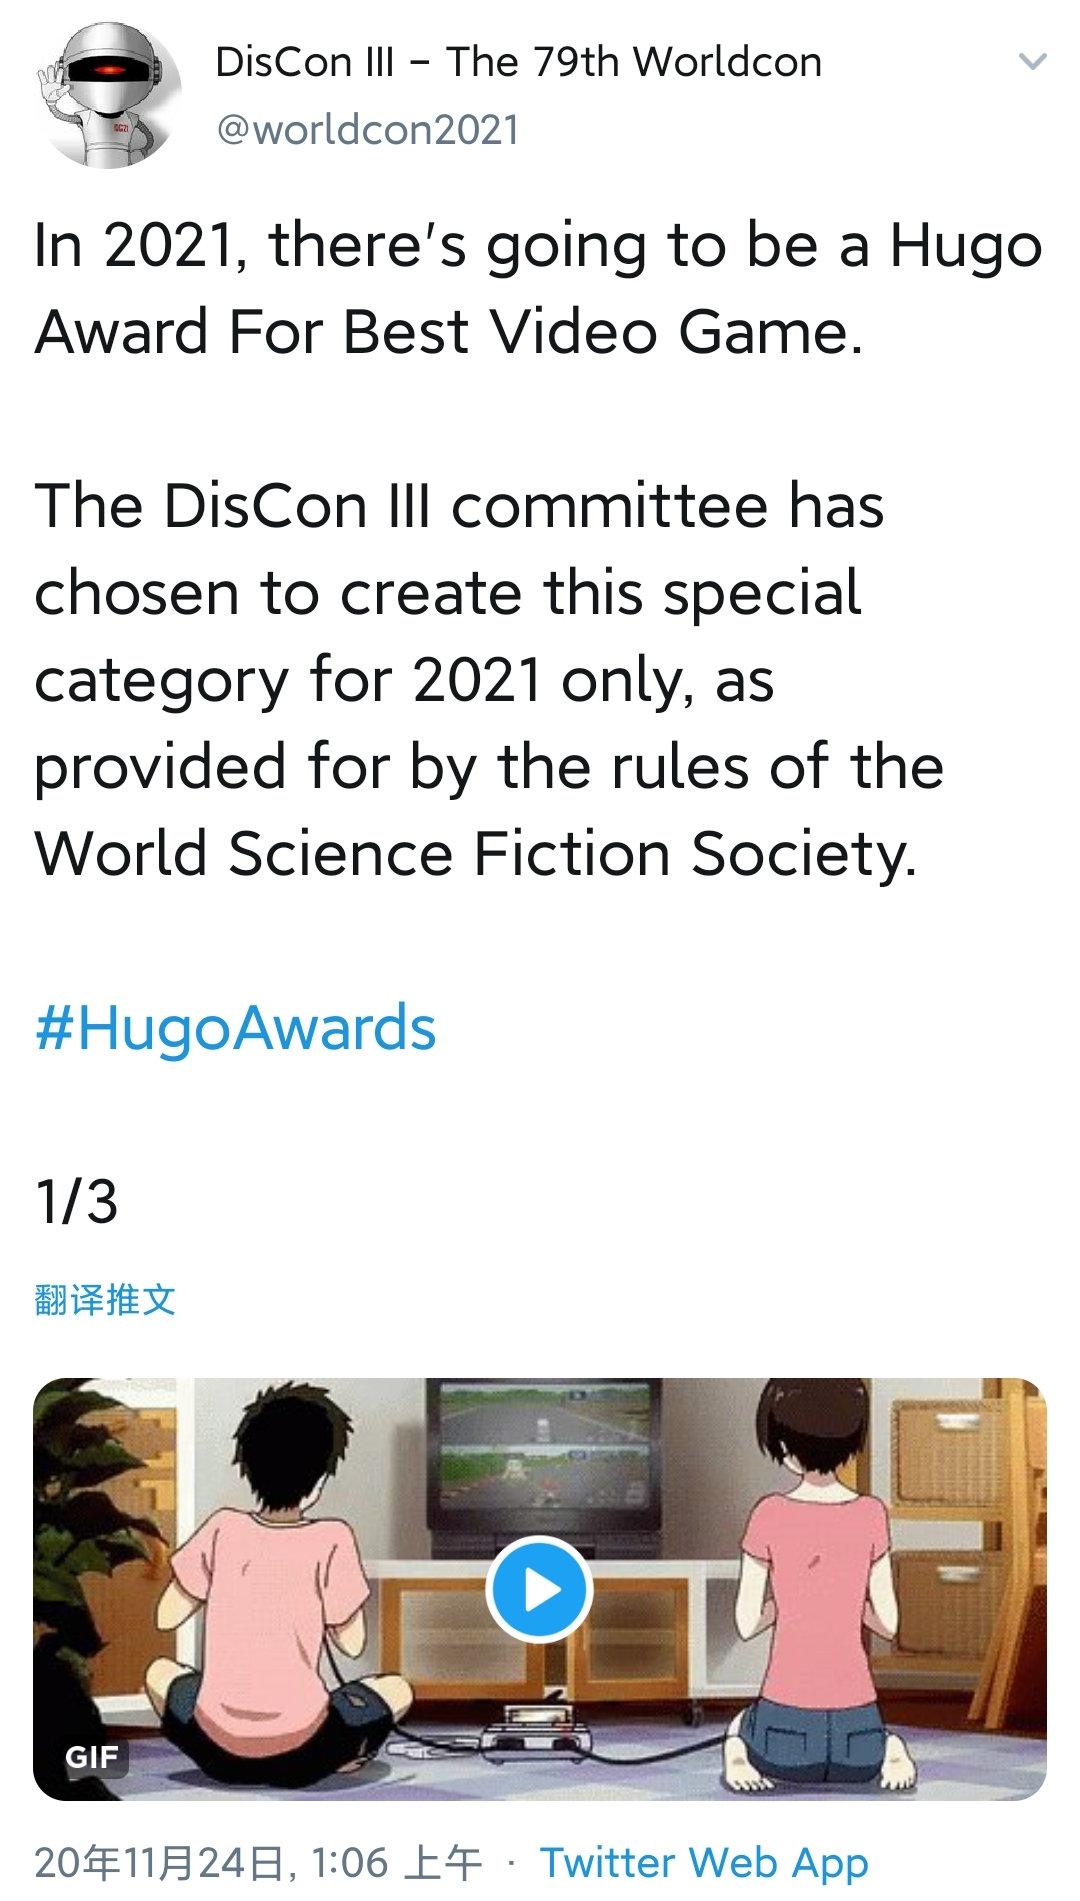 """科幻成就奖""""雨果奖""""将在2021年新增一个游戏奖项"""